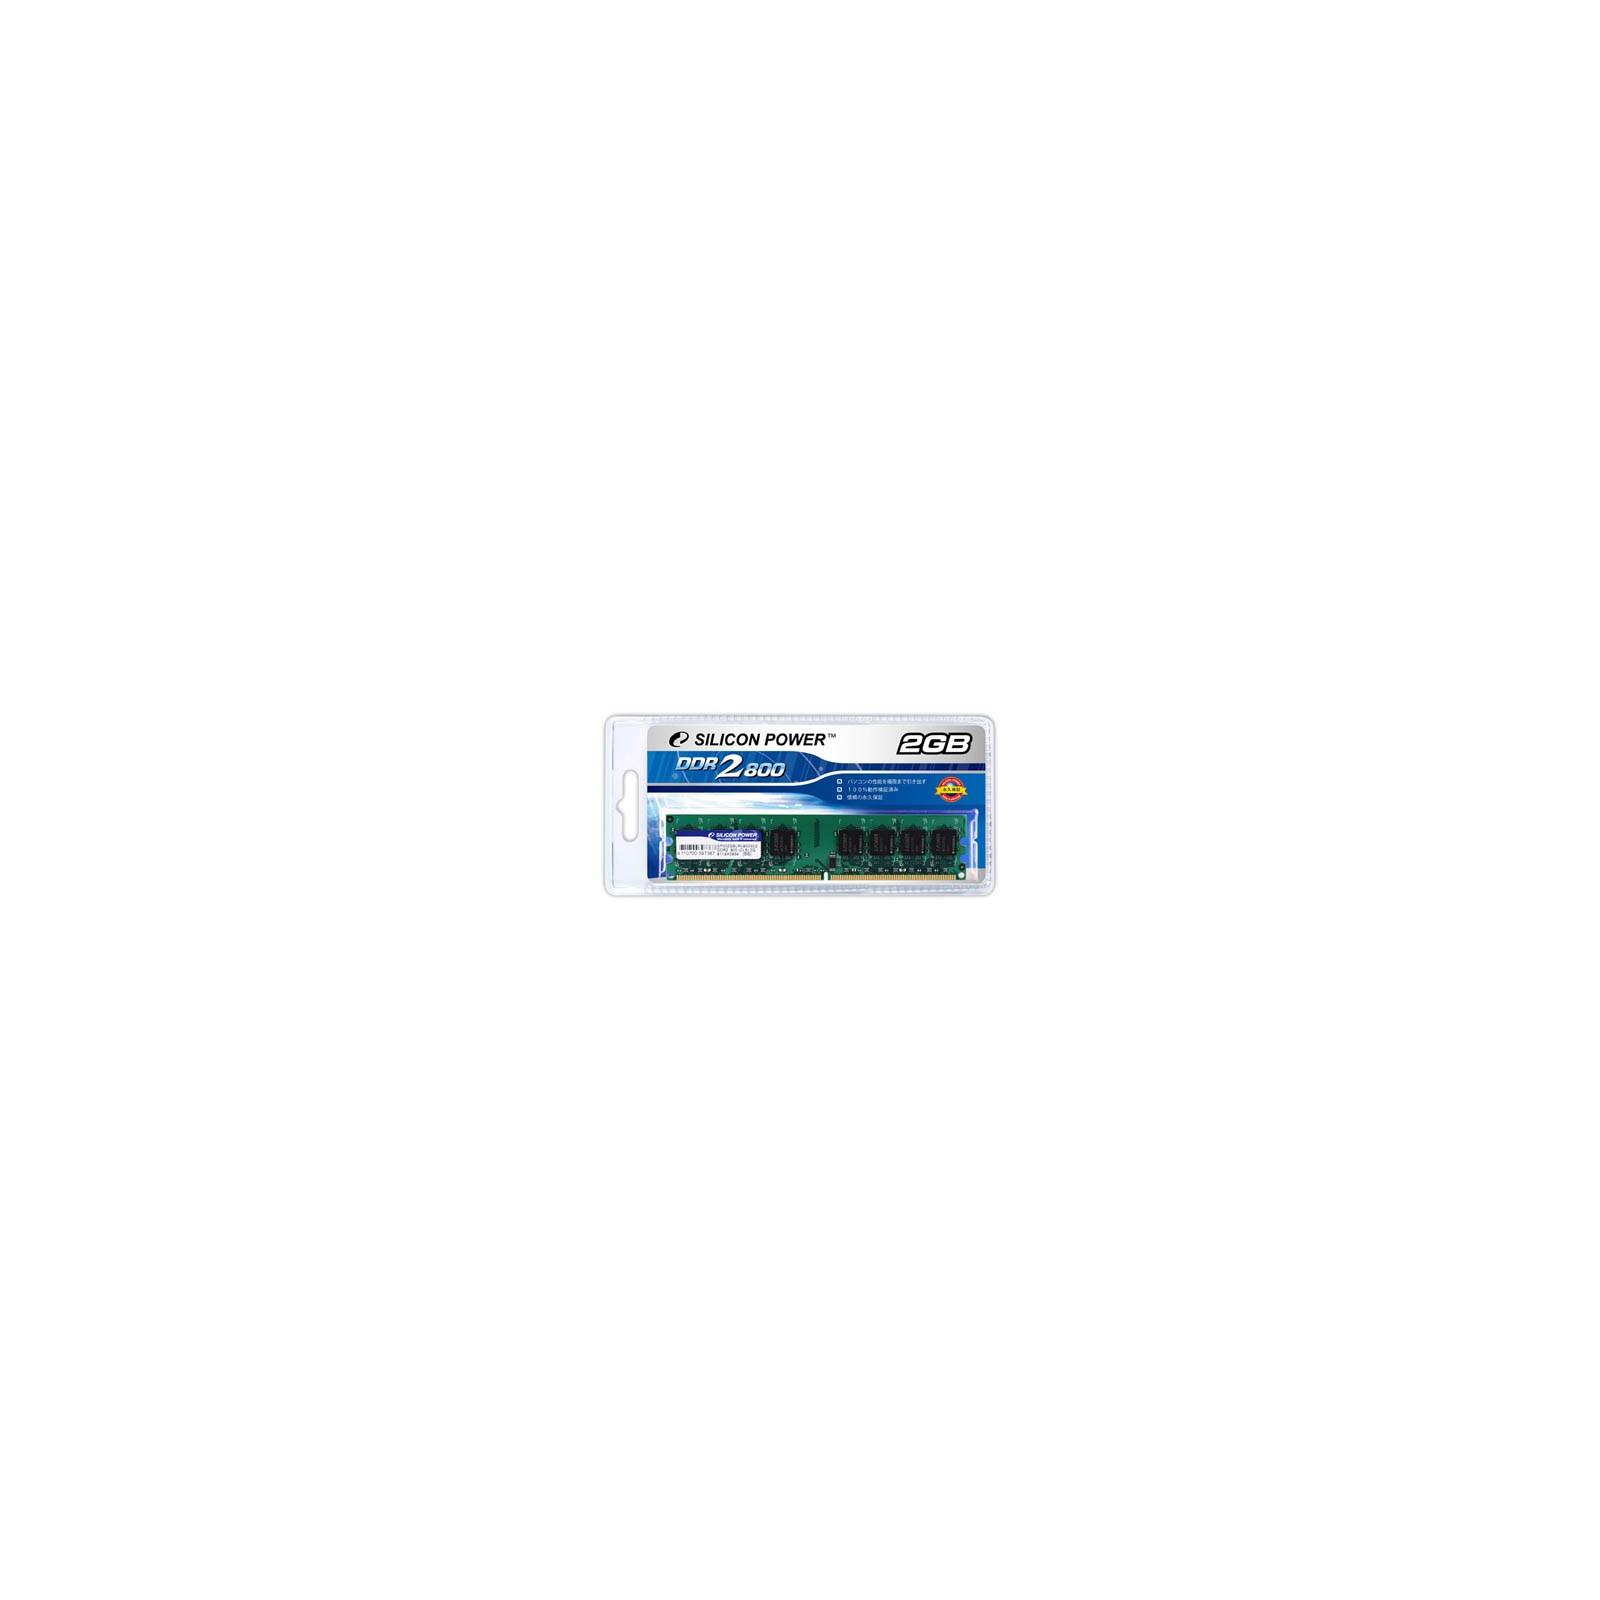 Модуль памяти для компьютера DDR2 2GB 800 MHz Silicon Power (SP002GBLRU800S02)